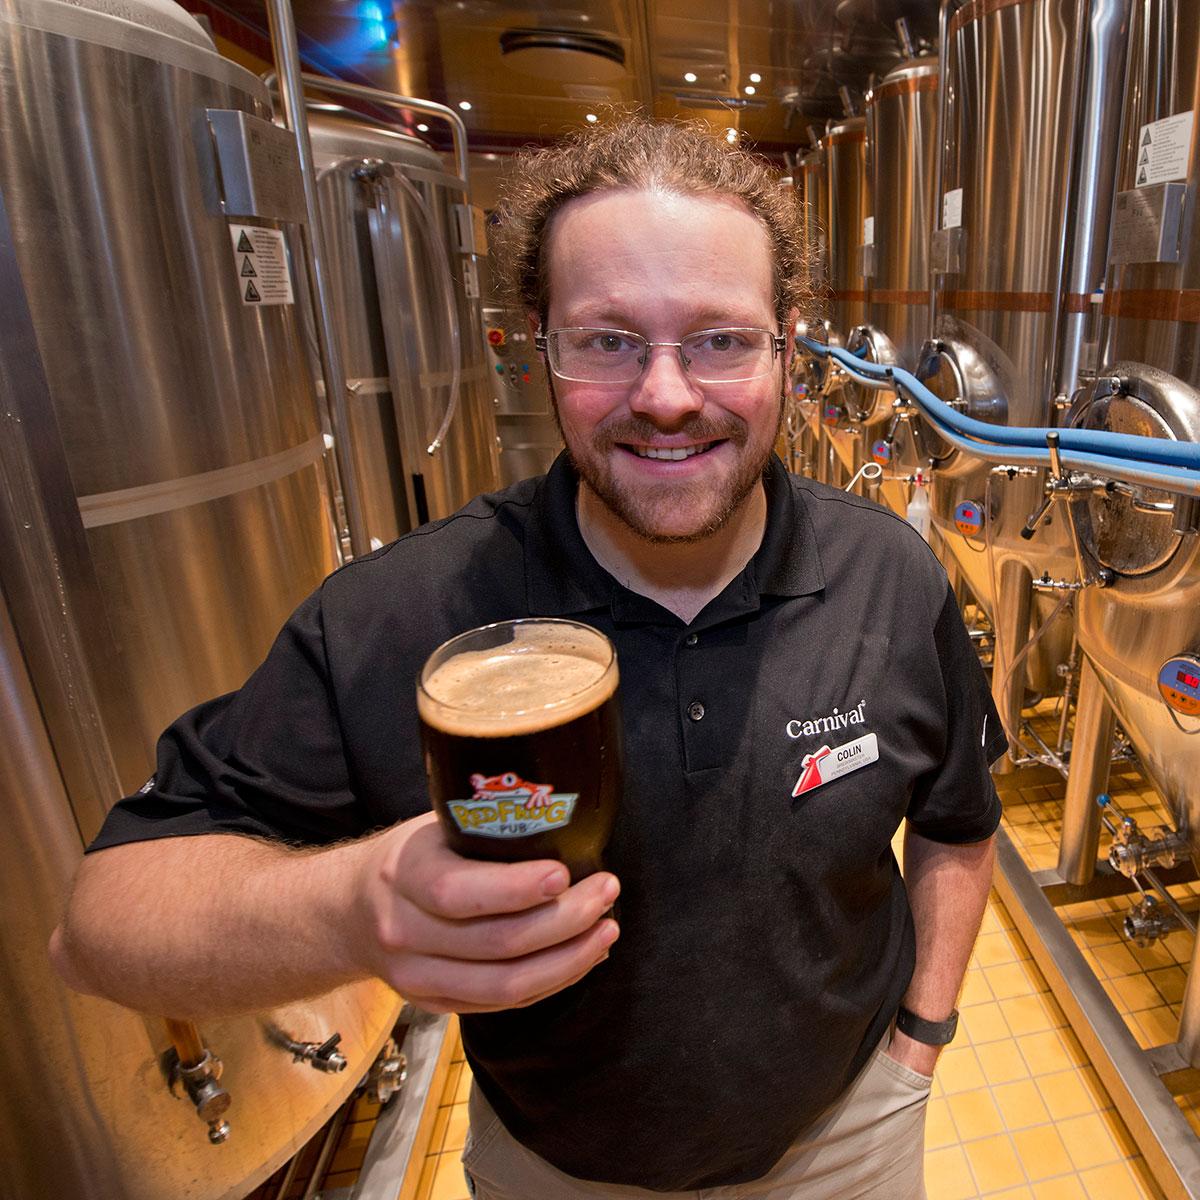 Colin Presby Carinval brewmaster